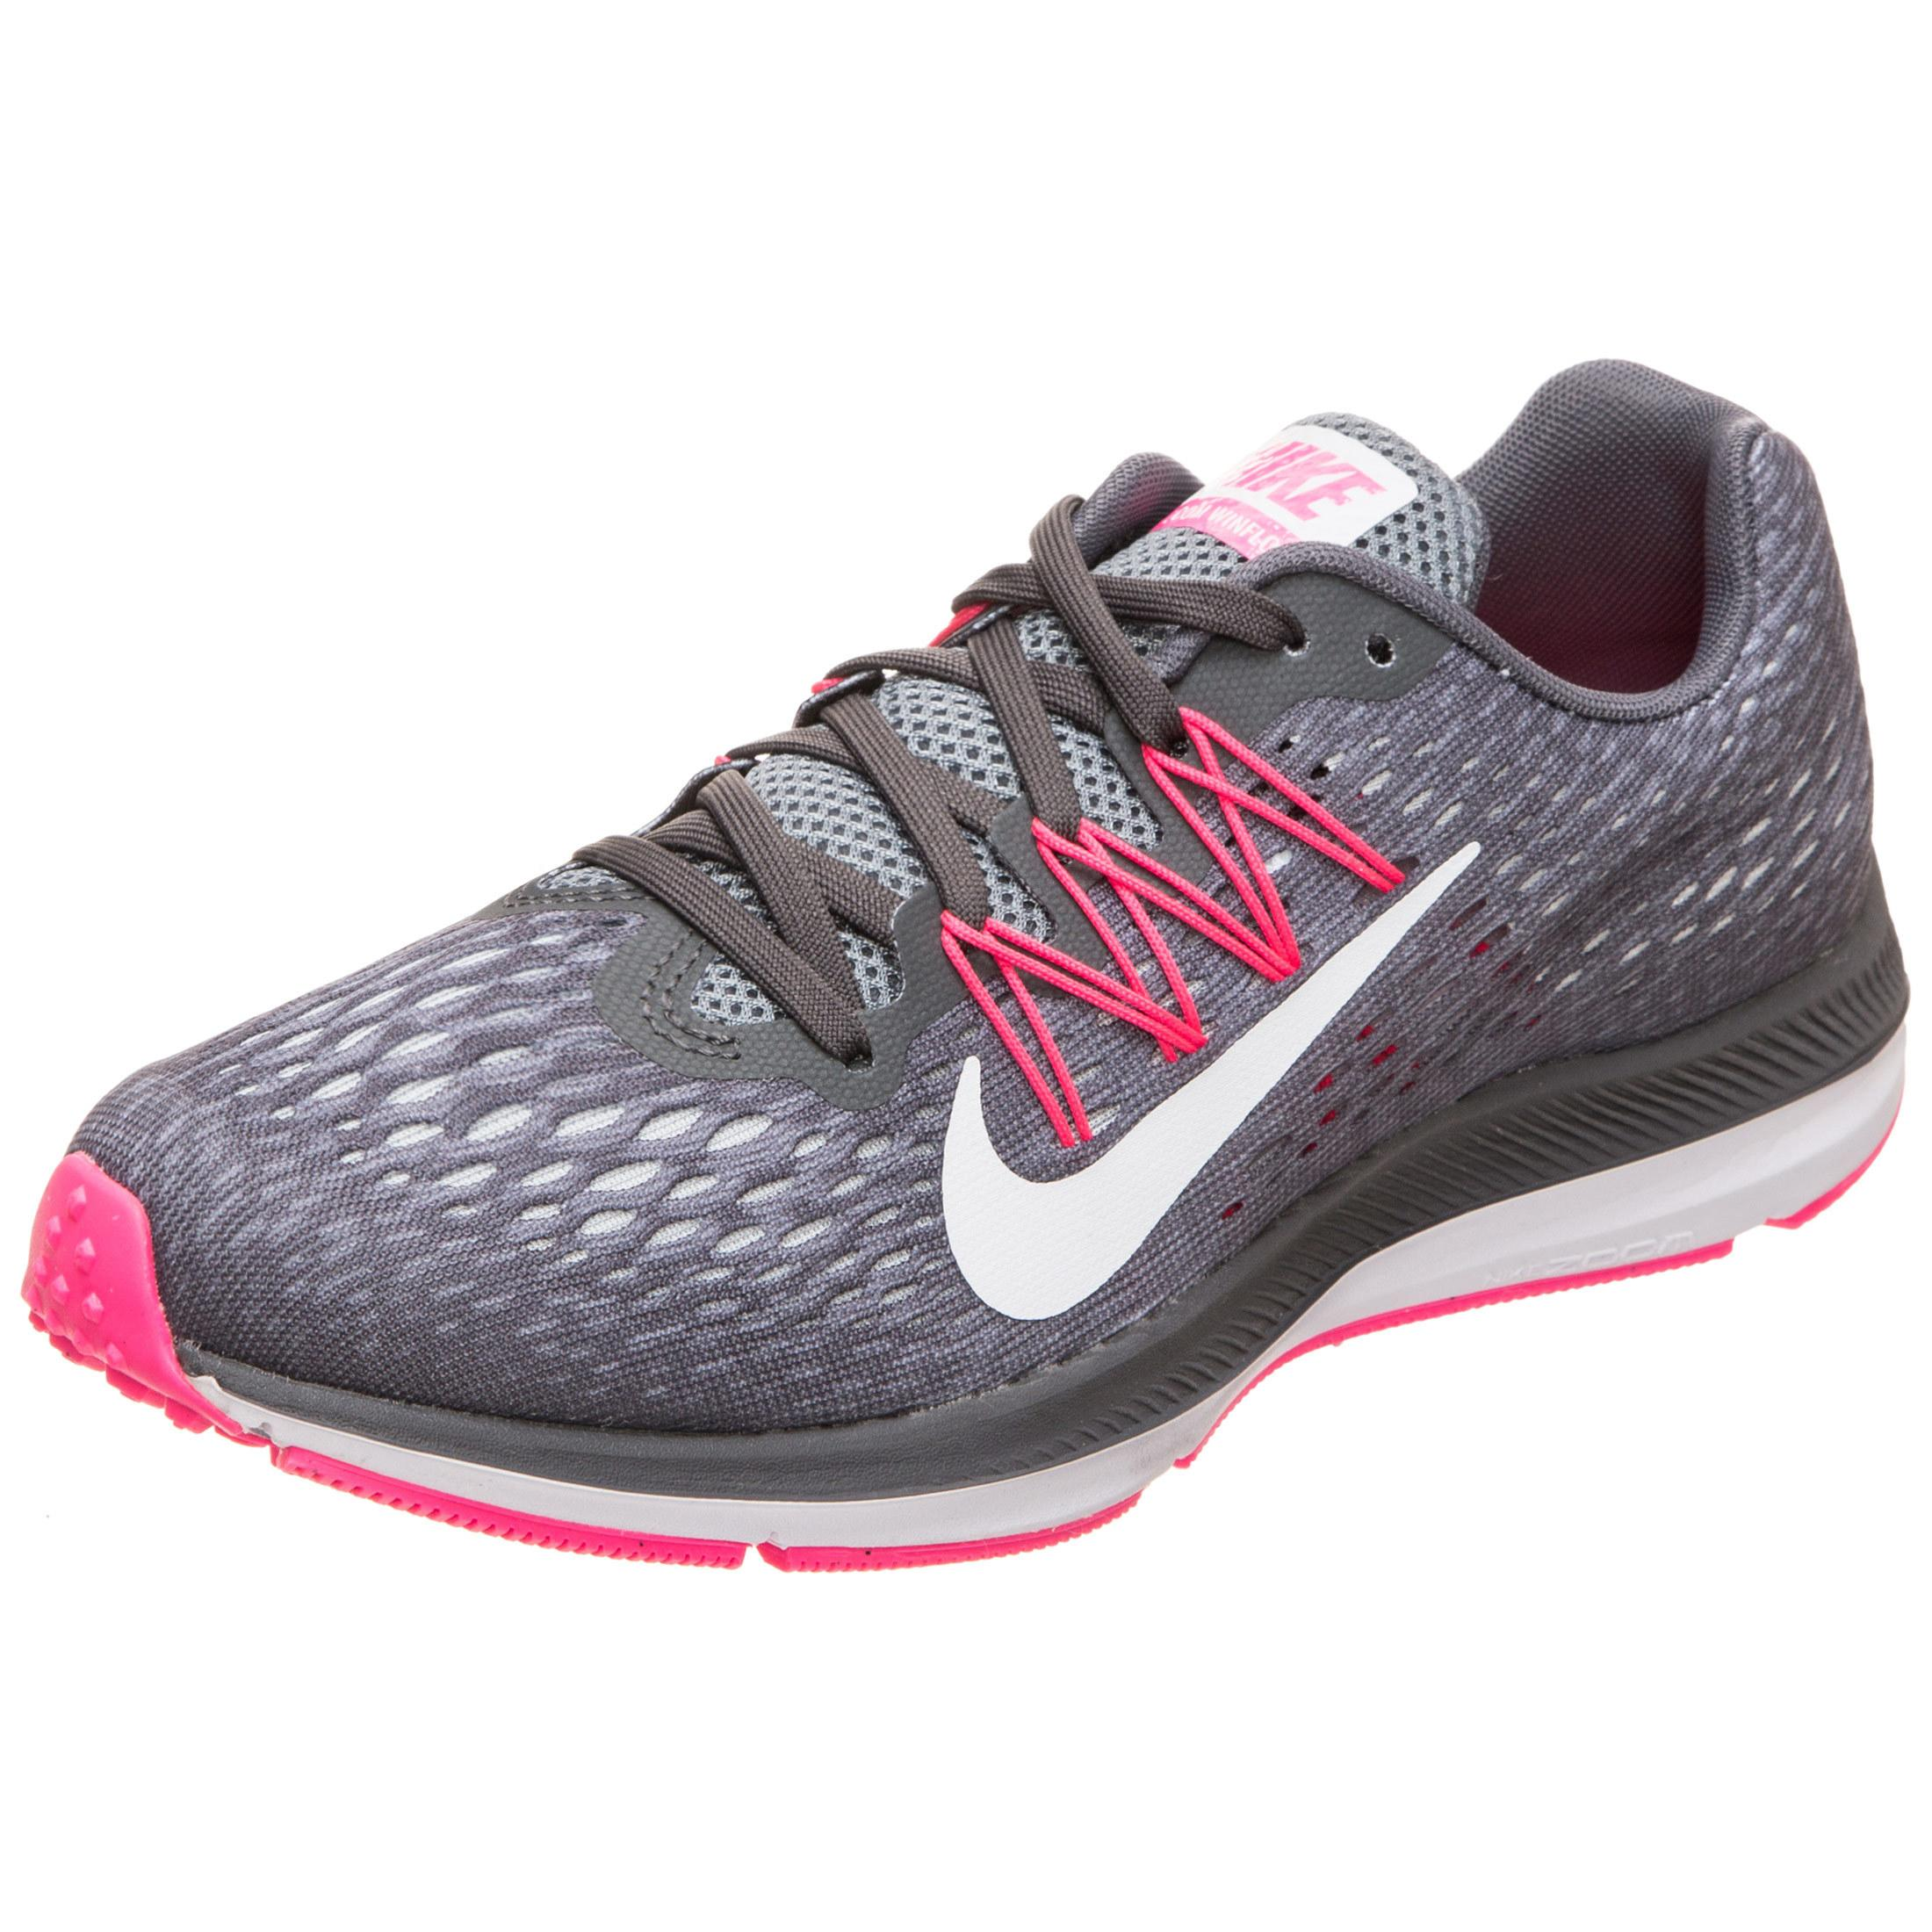 Nike Air Zoom Winflo 5 Laufschuhe Damen grau / rosa / weiß im Online Shop  von SportScheck kaufen